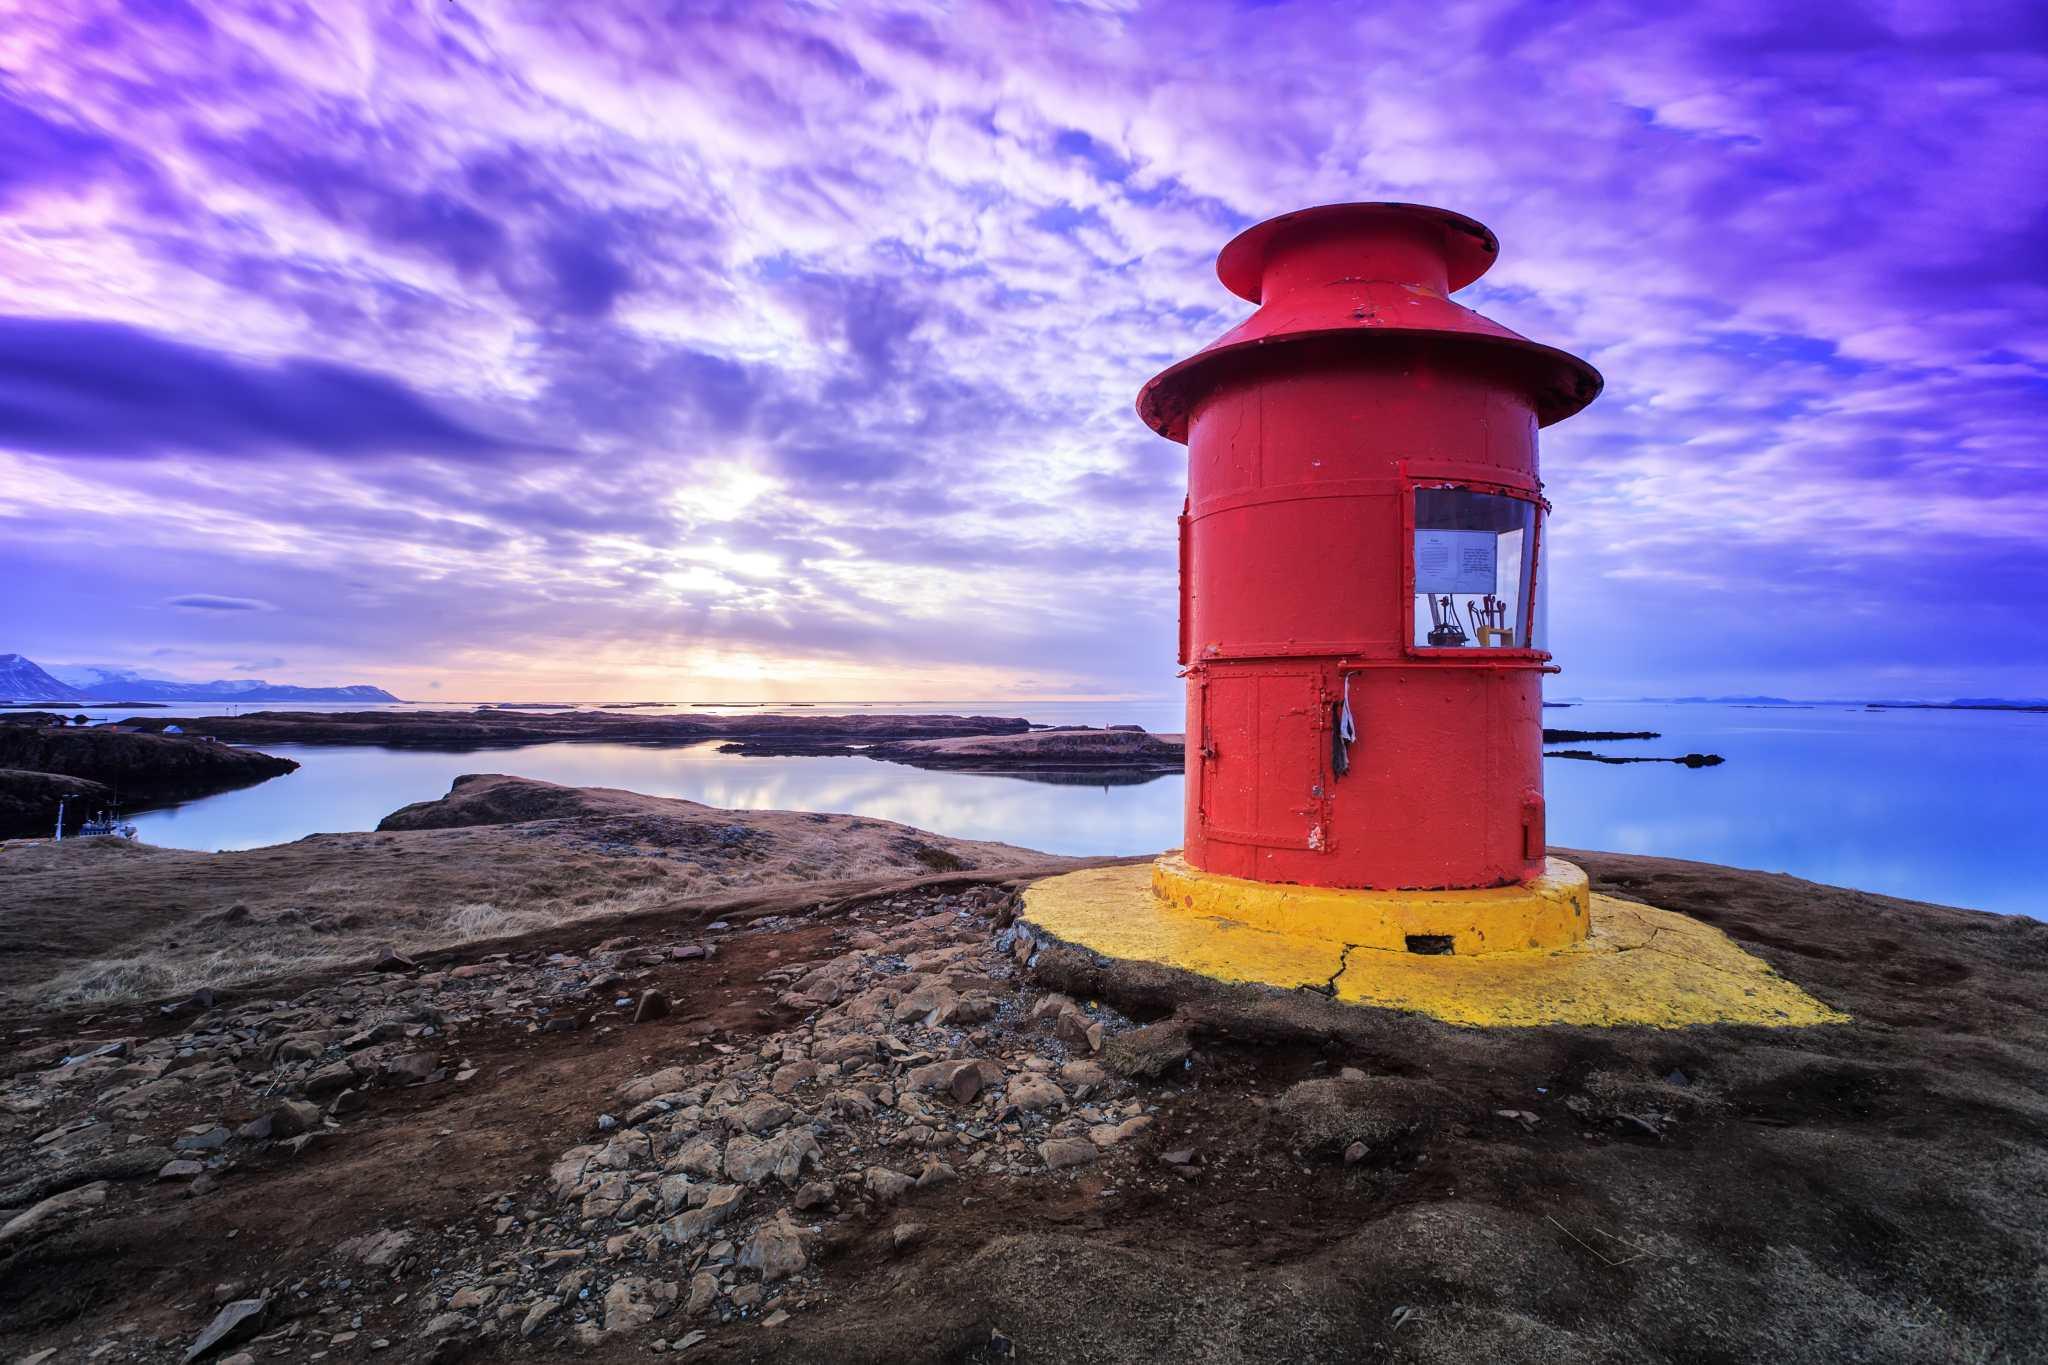 sunset Iceland Stykkisholmur